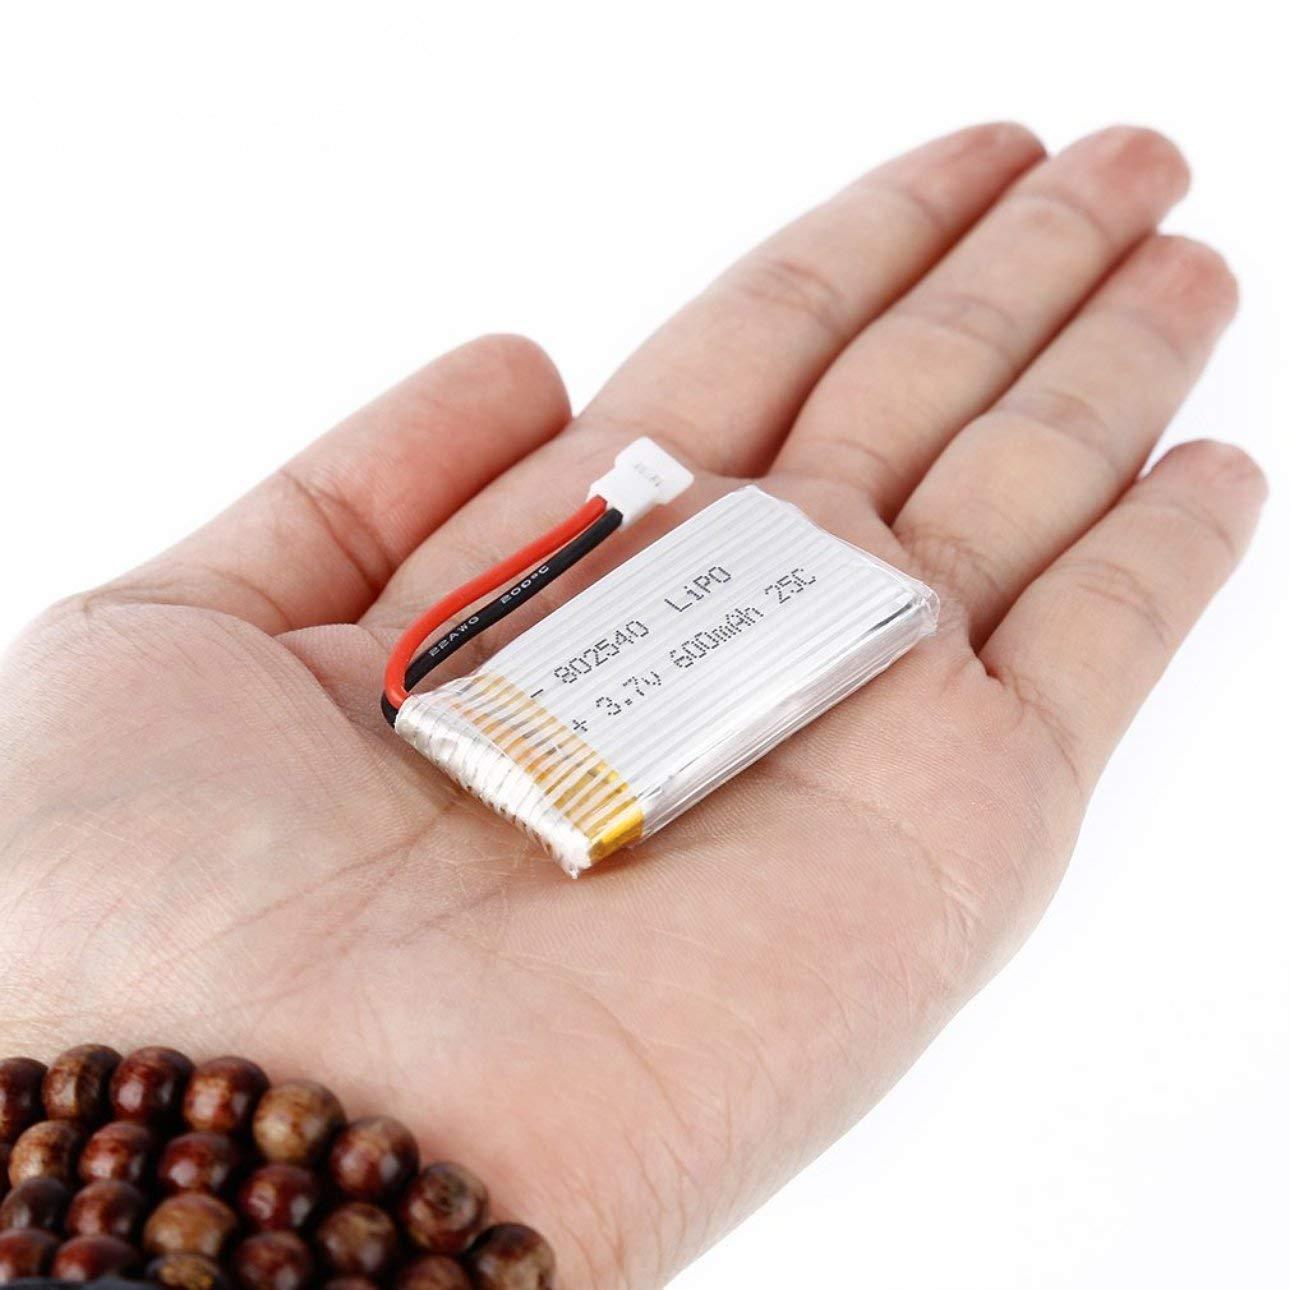 Celerhuak 3.7V 600mAh 25C Capacidad Lipo Bater/ía 802540 Molex 50005 Sin PVC Exquisitamente dise/ñado Duradero